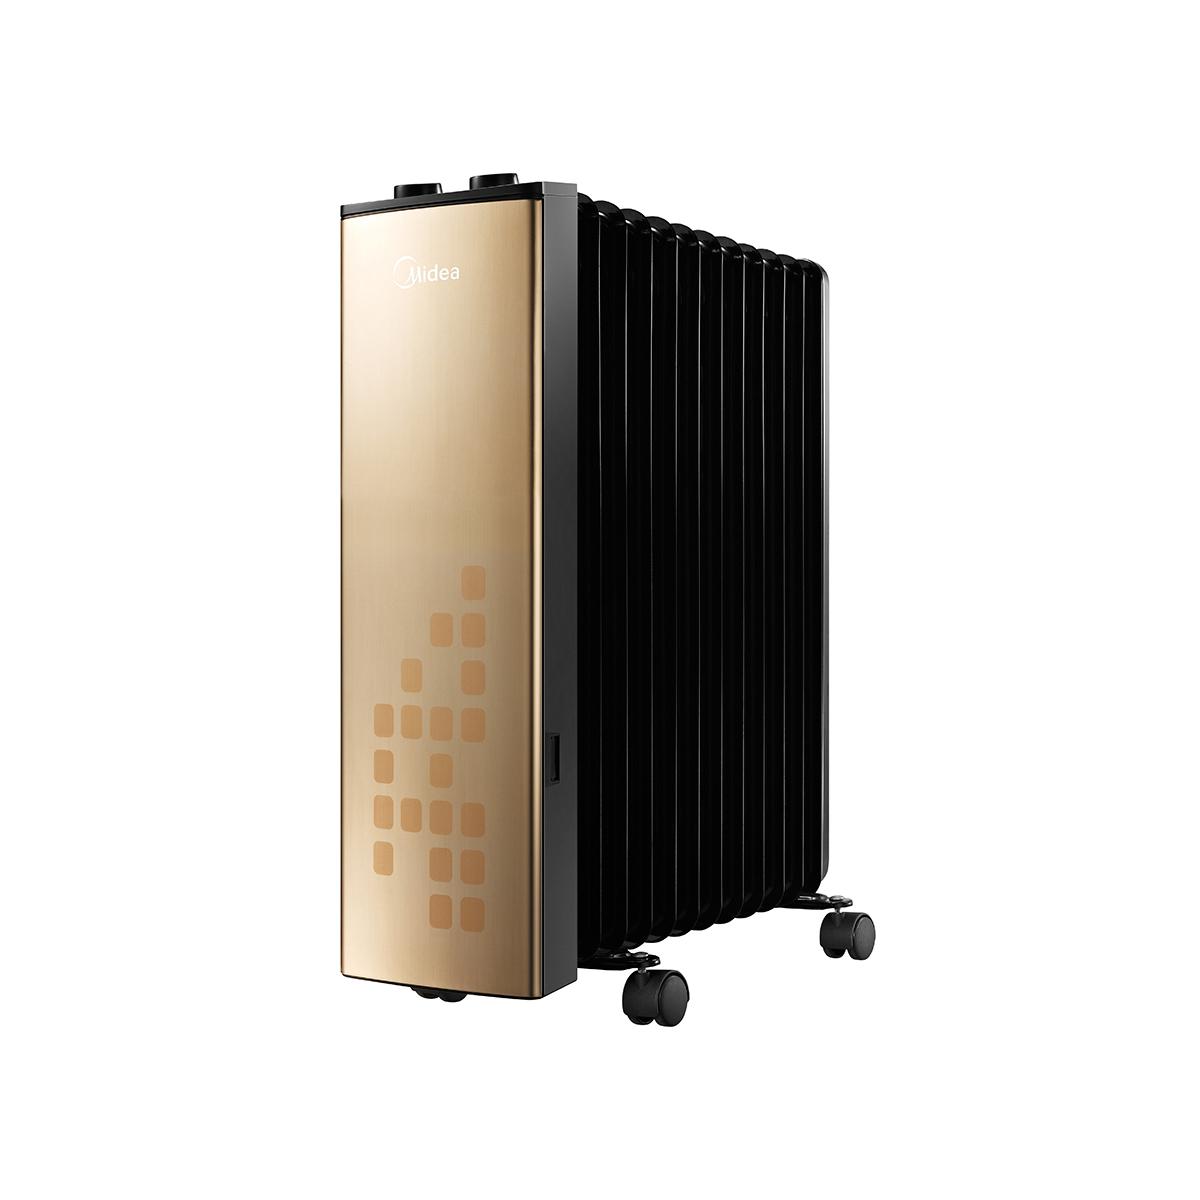 Midea/美的 NY2513-13D1电暖器(油汀、暖风机) 说明书.pdf